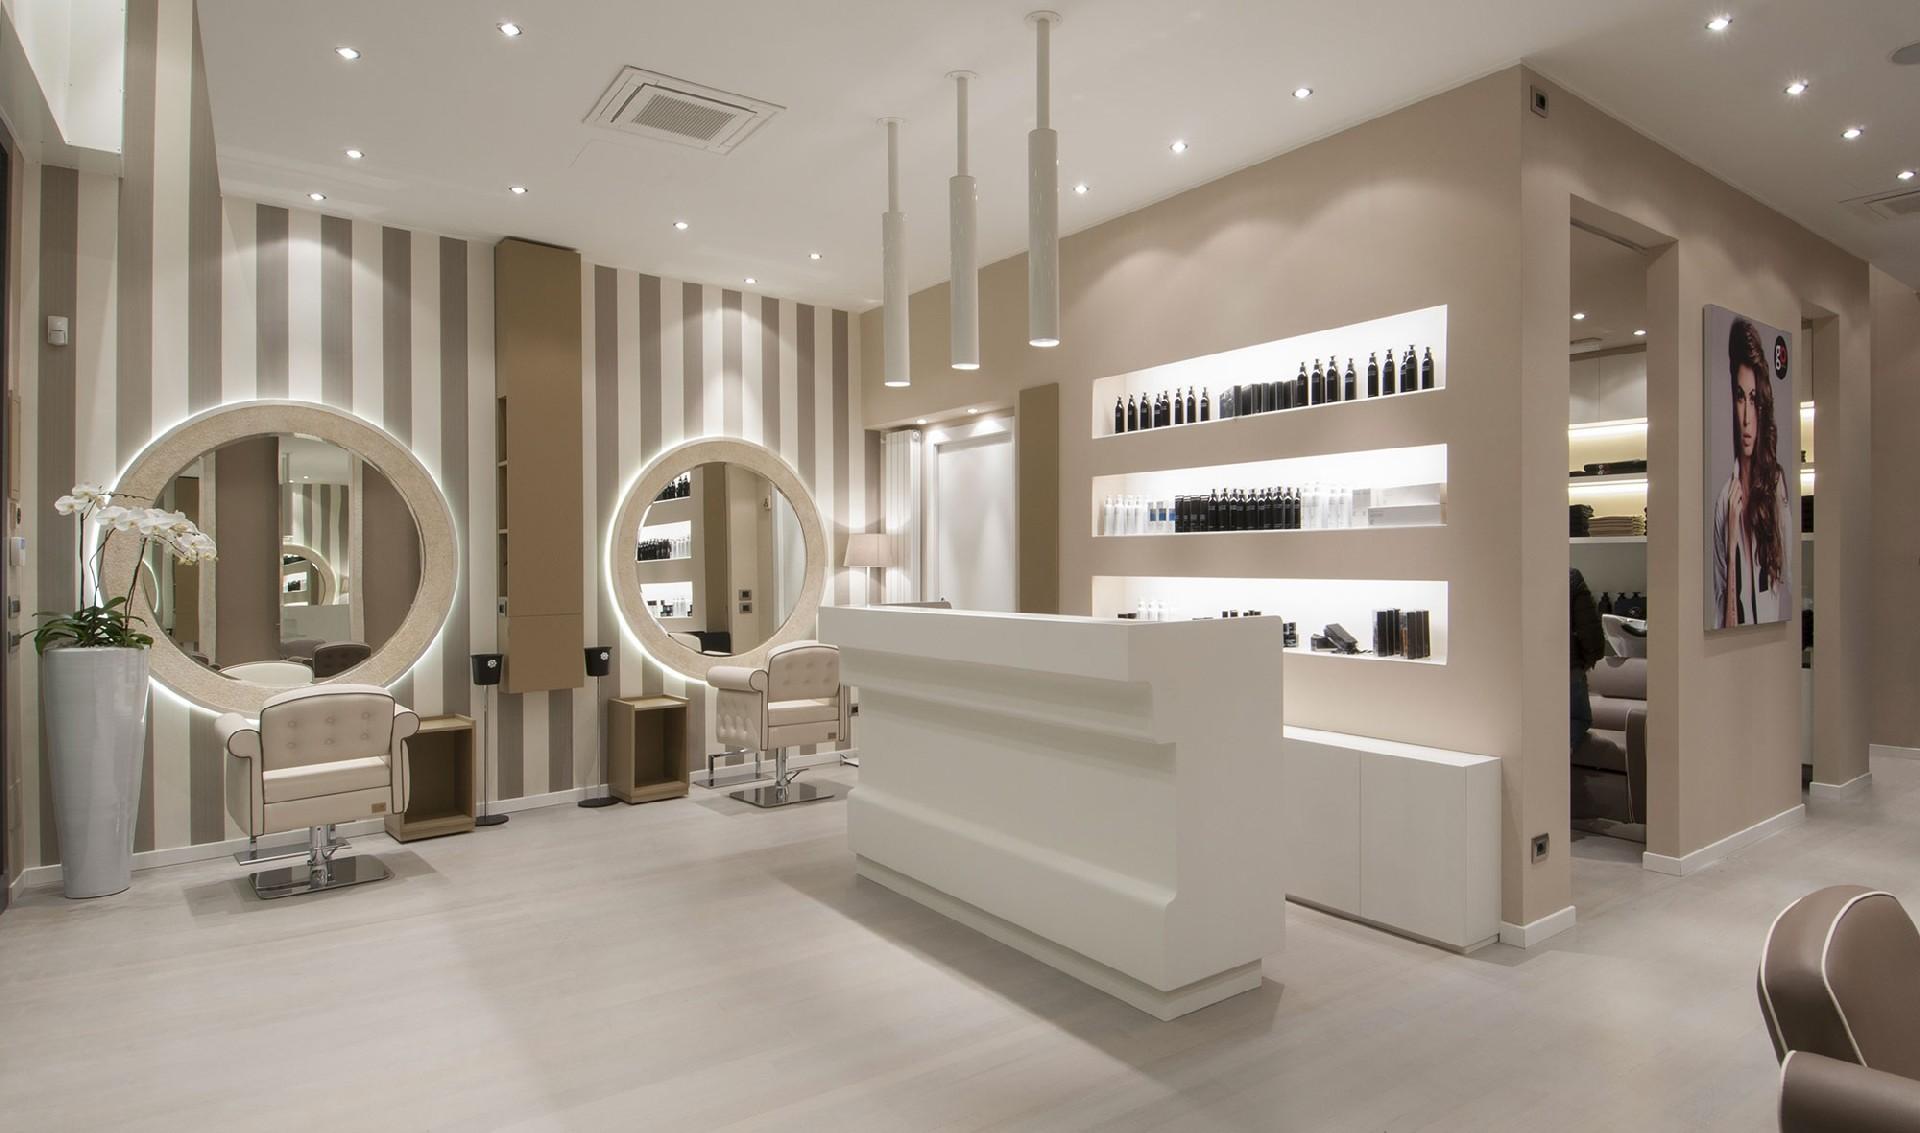 PIETRANERA SRL- Friseureinrichtung und Friseurbedarf, Salondesign ...